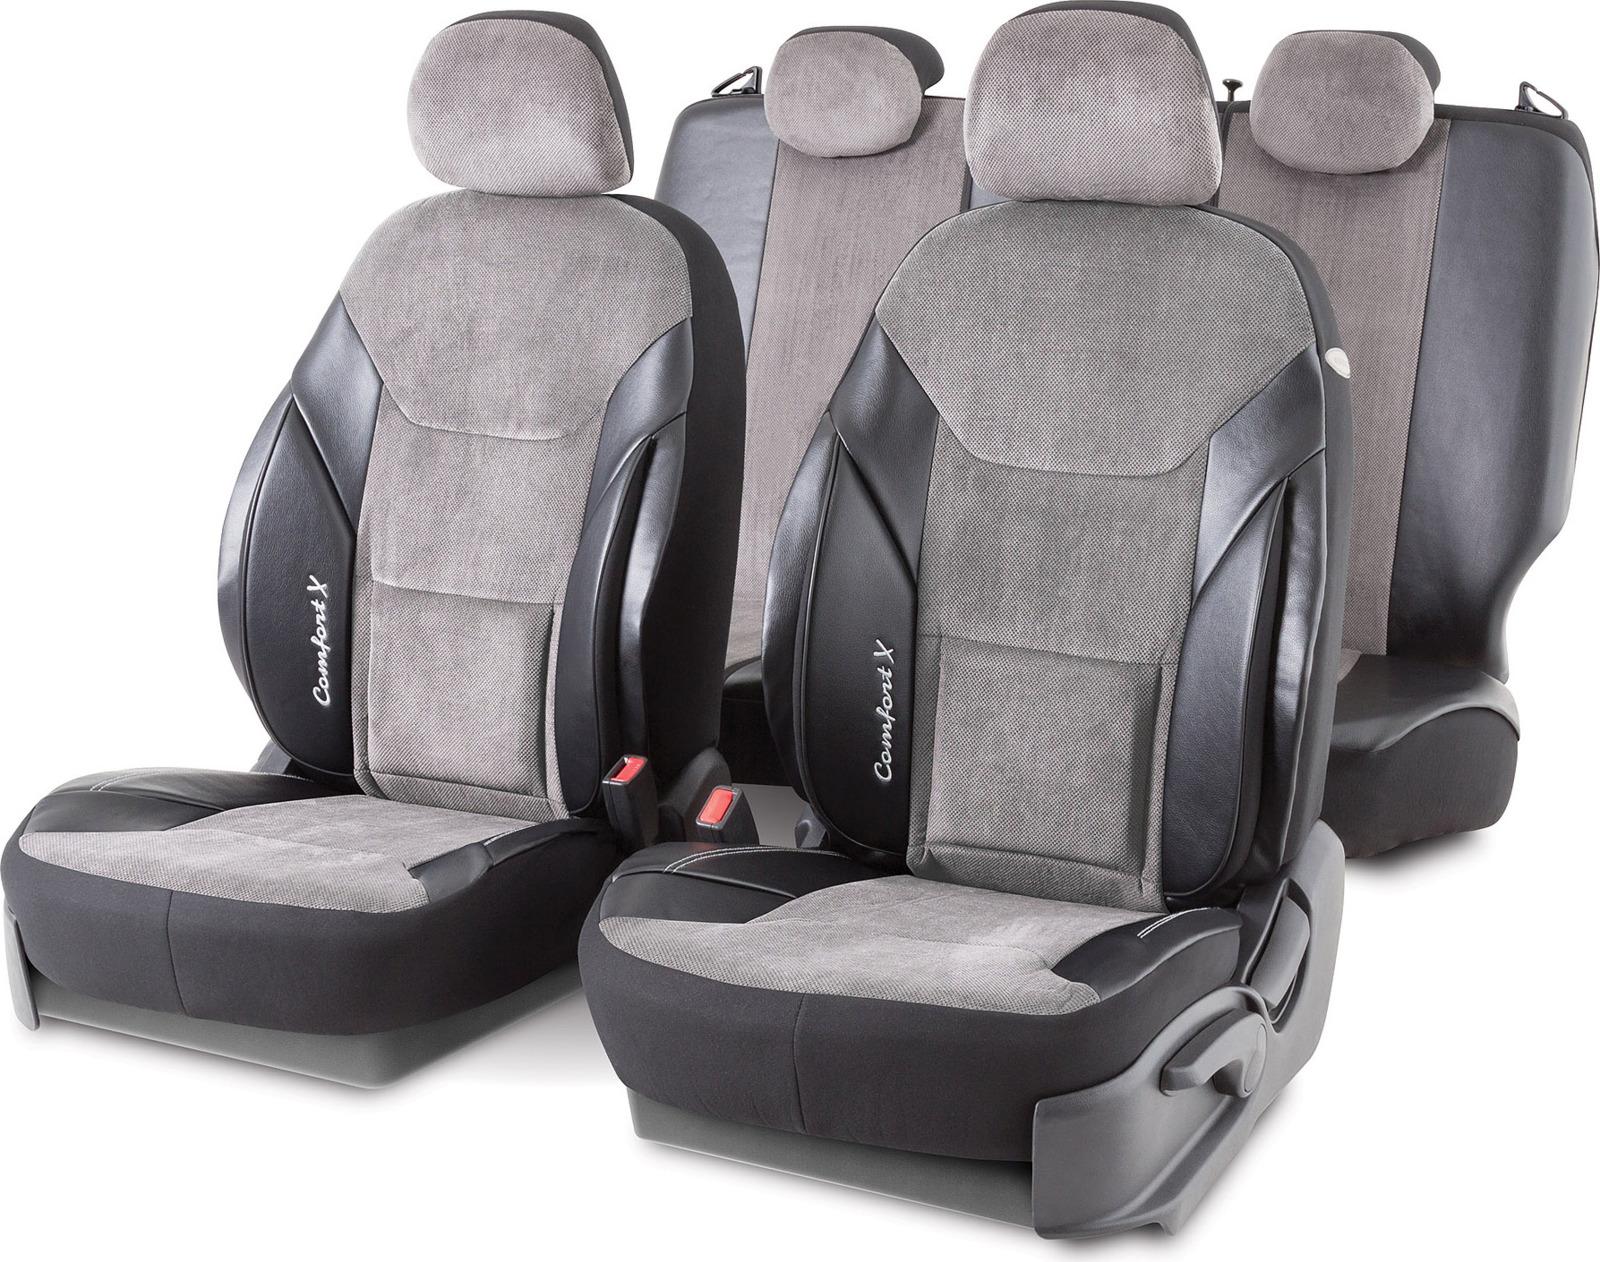 Авточехлы Autoprofi Comfort X, цвет: черный, темно-серый, 15 предметов. COM-1505GK BK/D.GY